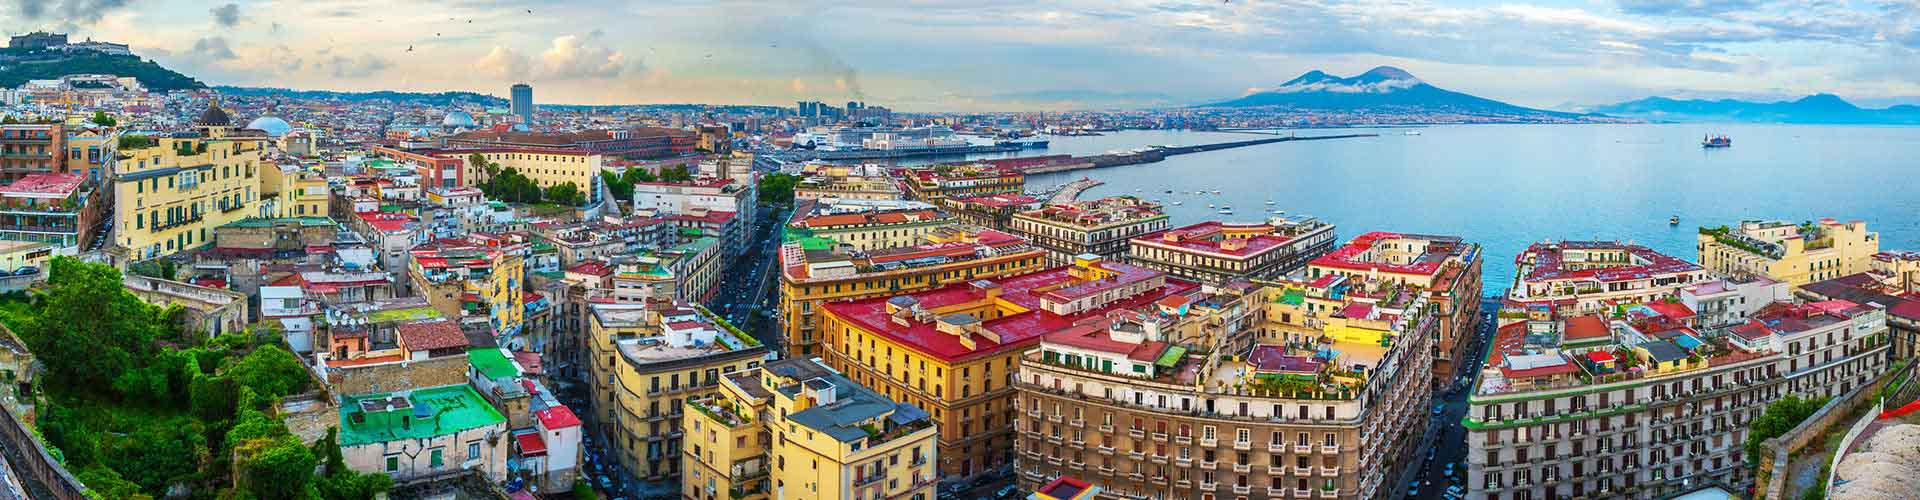 Nápoles - Hoteles baratos en el distrito San Carlo Arena. Mapas de Nápoles, Fotos y comentarios de cada Hotel barato en Nápoles.